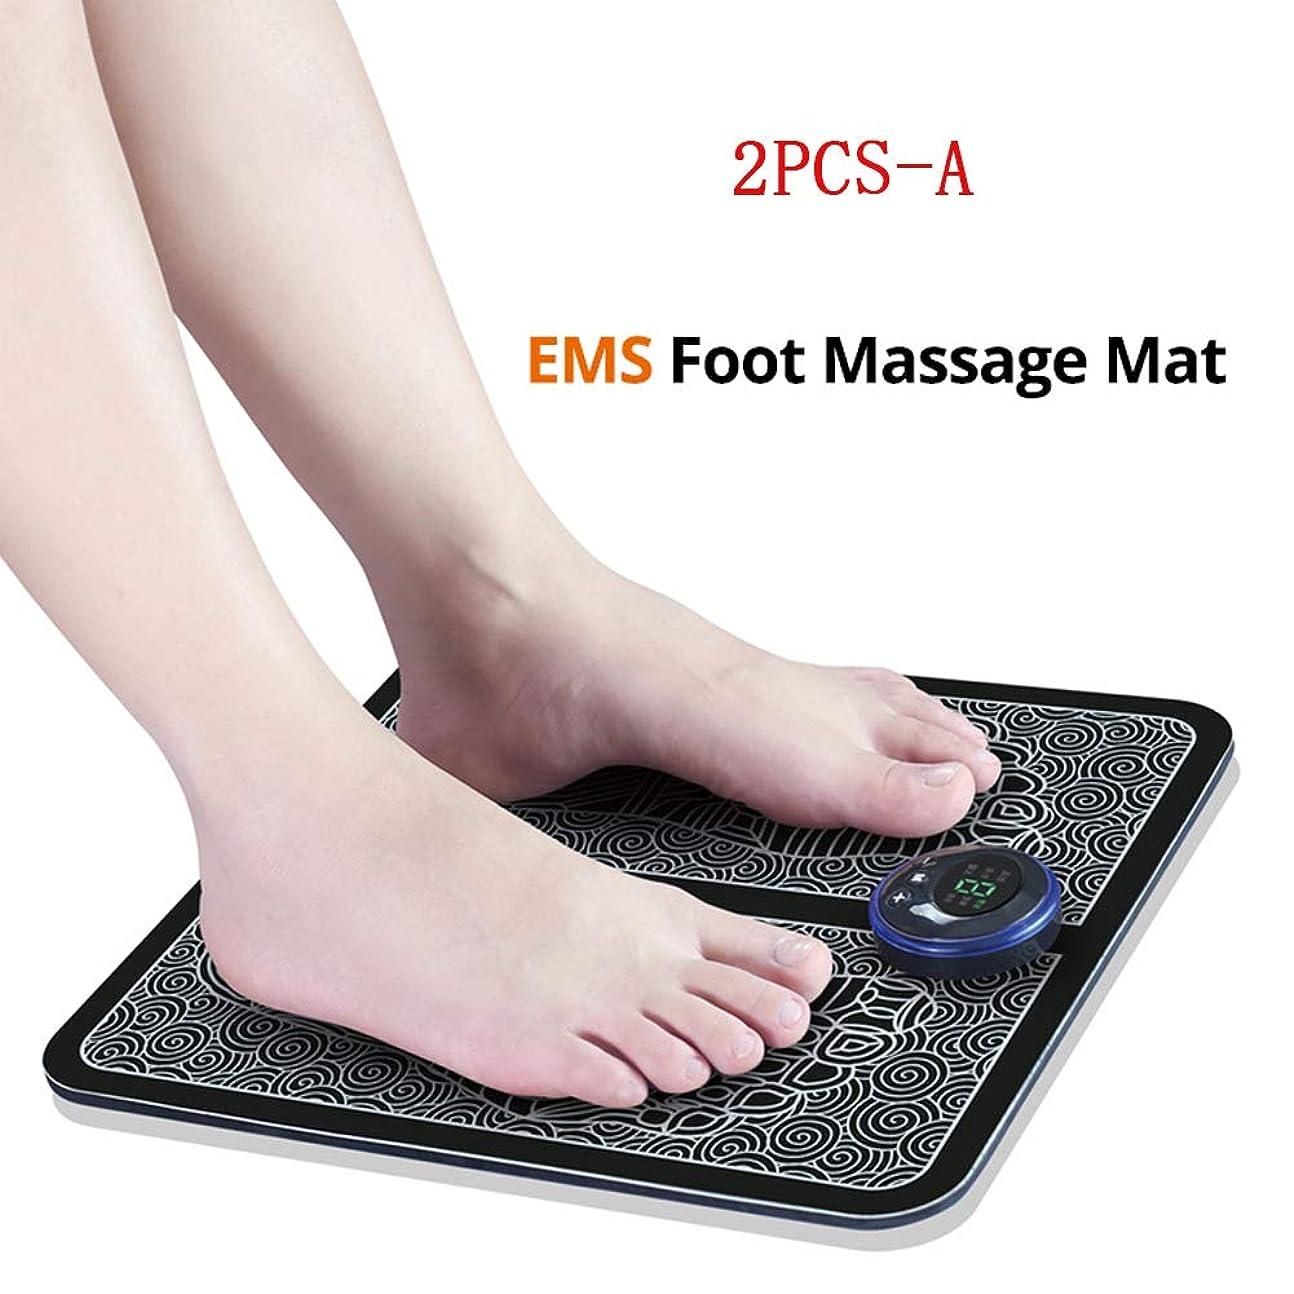 頑固な落ち着かない州EMSスマートフットマッサージパッド、フットマッサージャー、足指圧療法、血液循環を促進し、男性と女性の疲労を軽減、2PCS,A